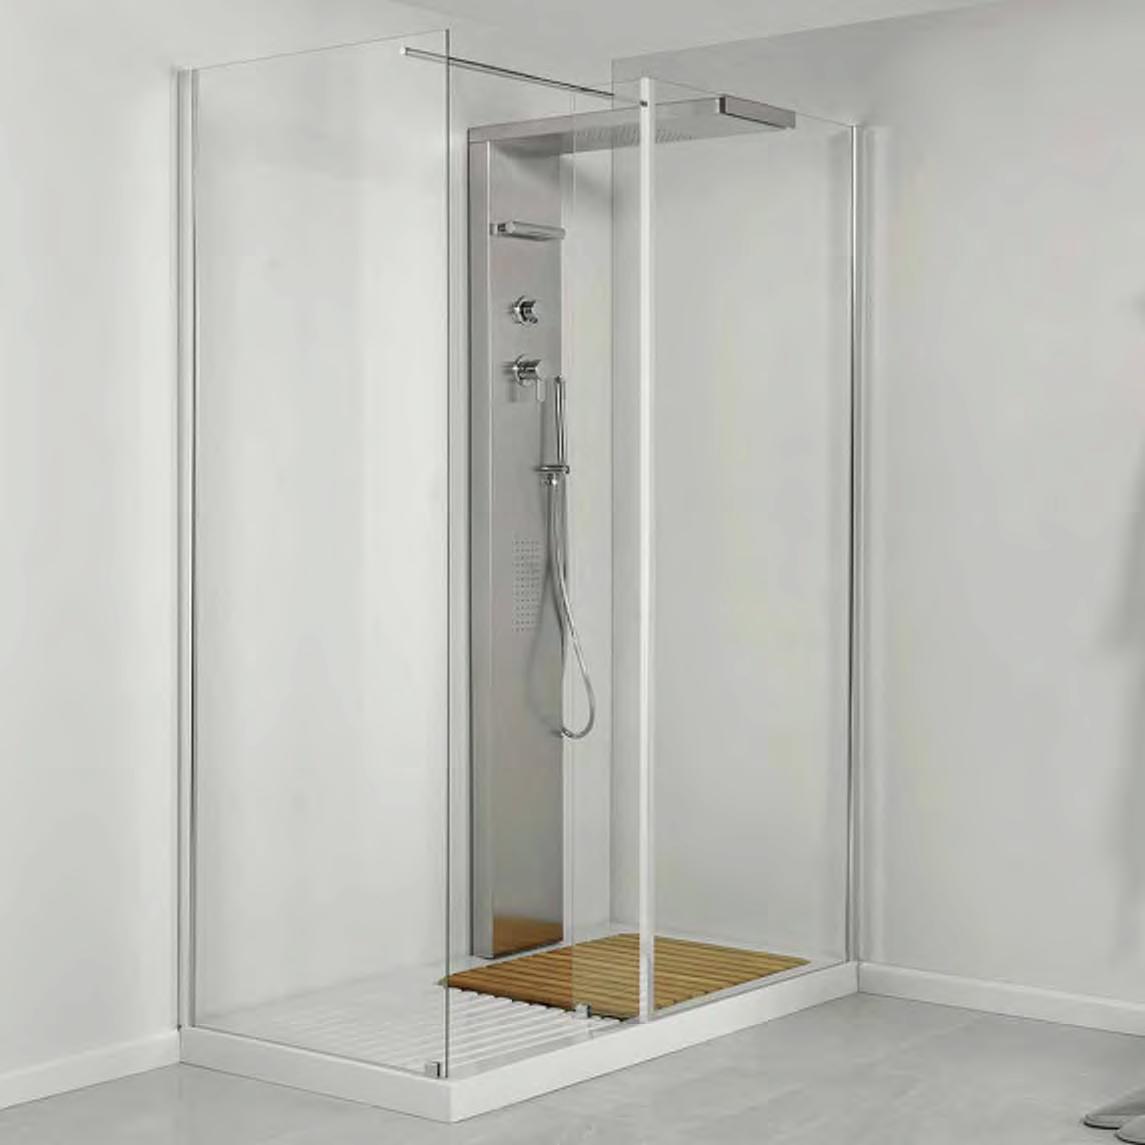 Baños Modernos Decorados:El Blog del Baño: Baños modernos, ideas y decorados nuevos